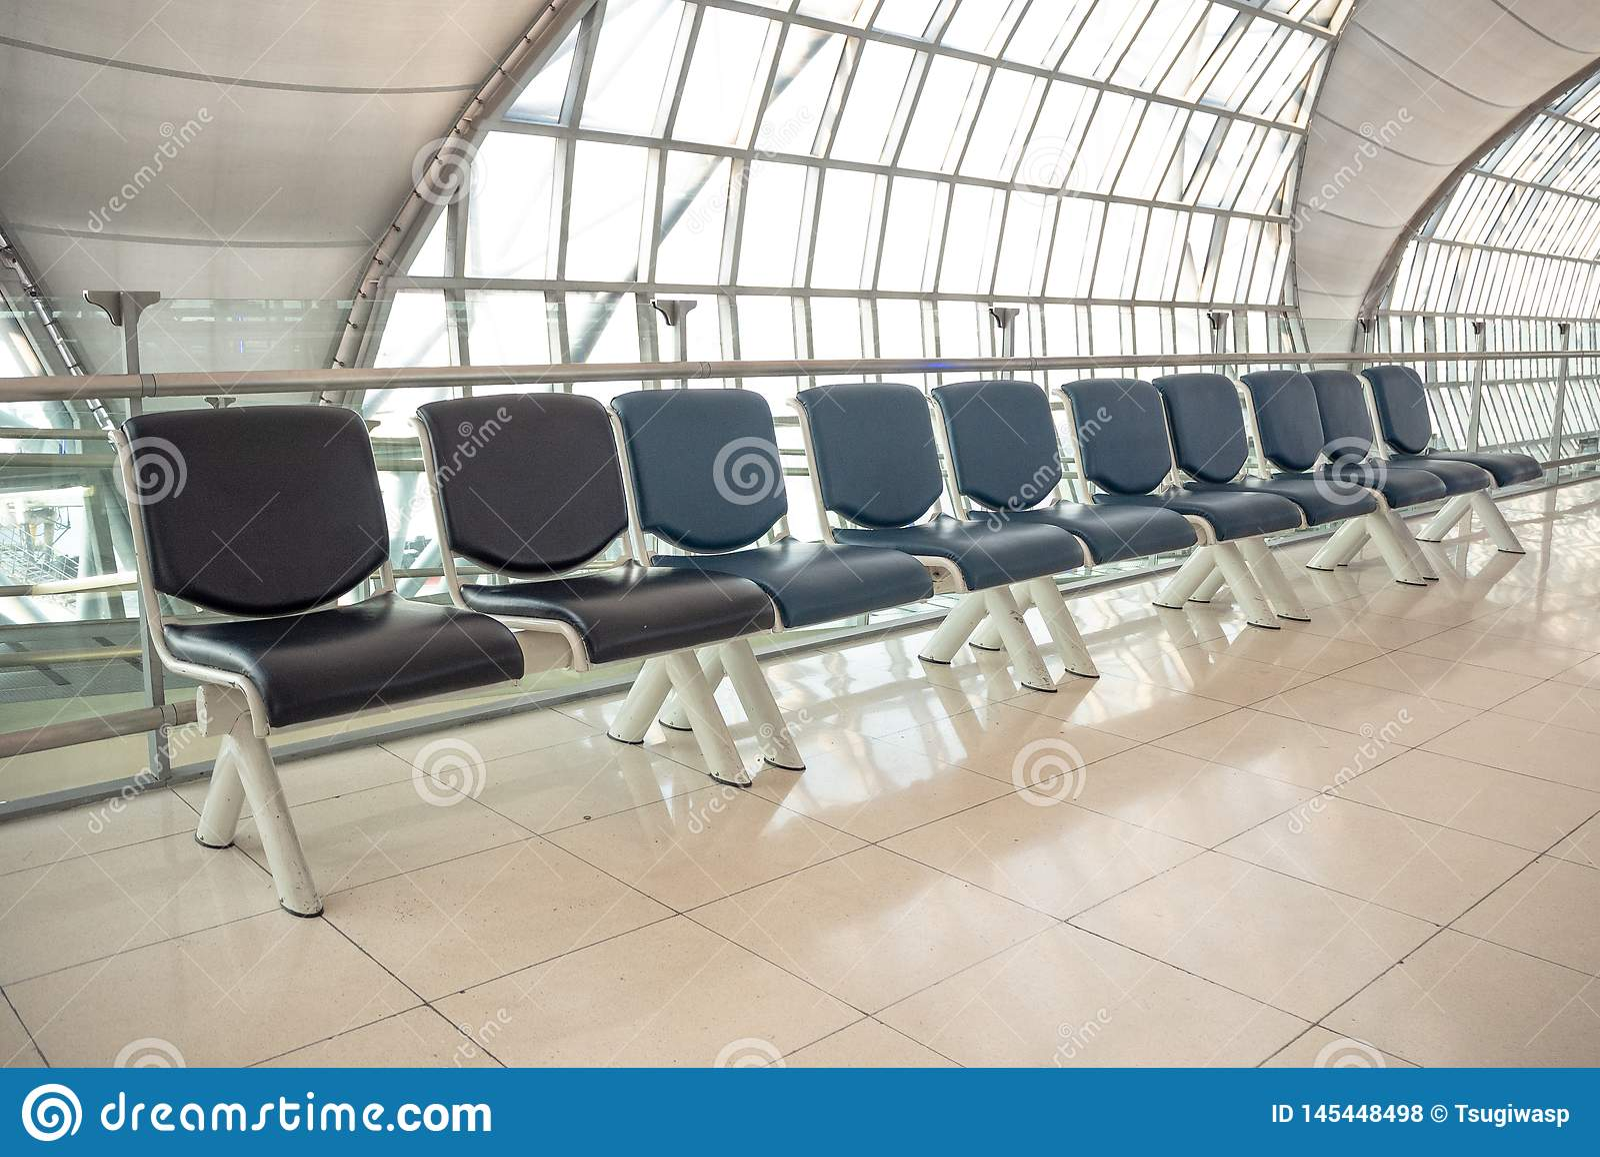 Lege rij van zetel voor het wachten bij de poort in de luchthaven